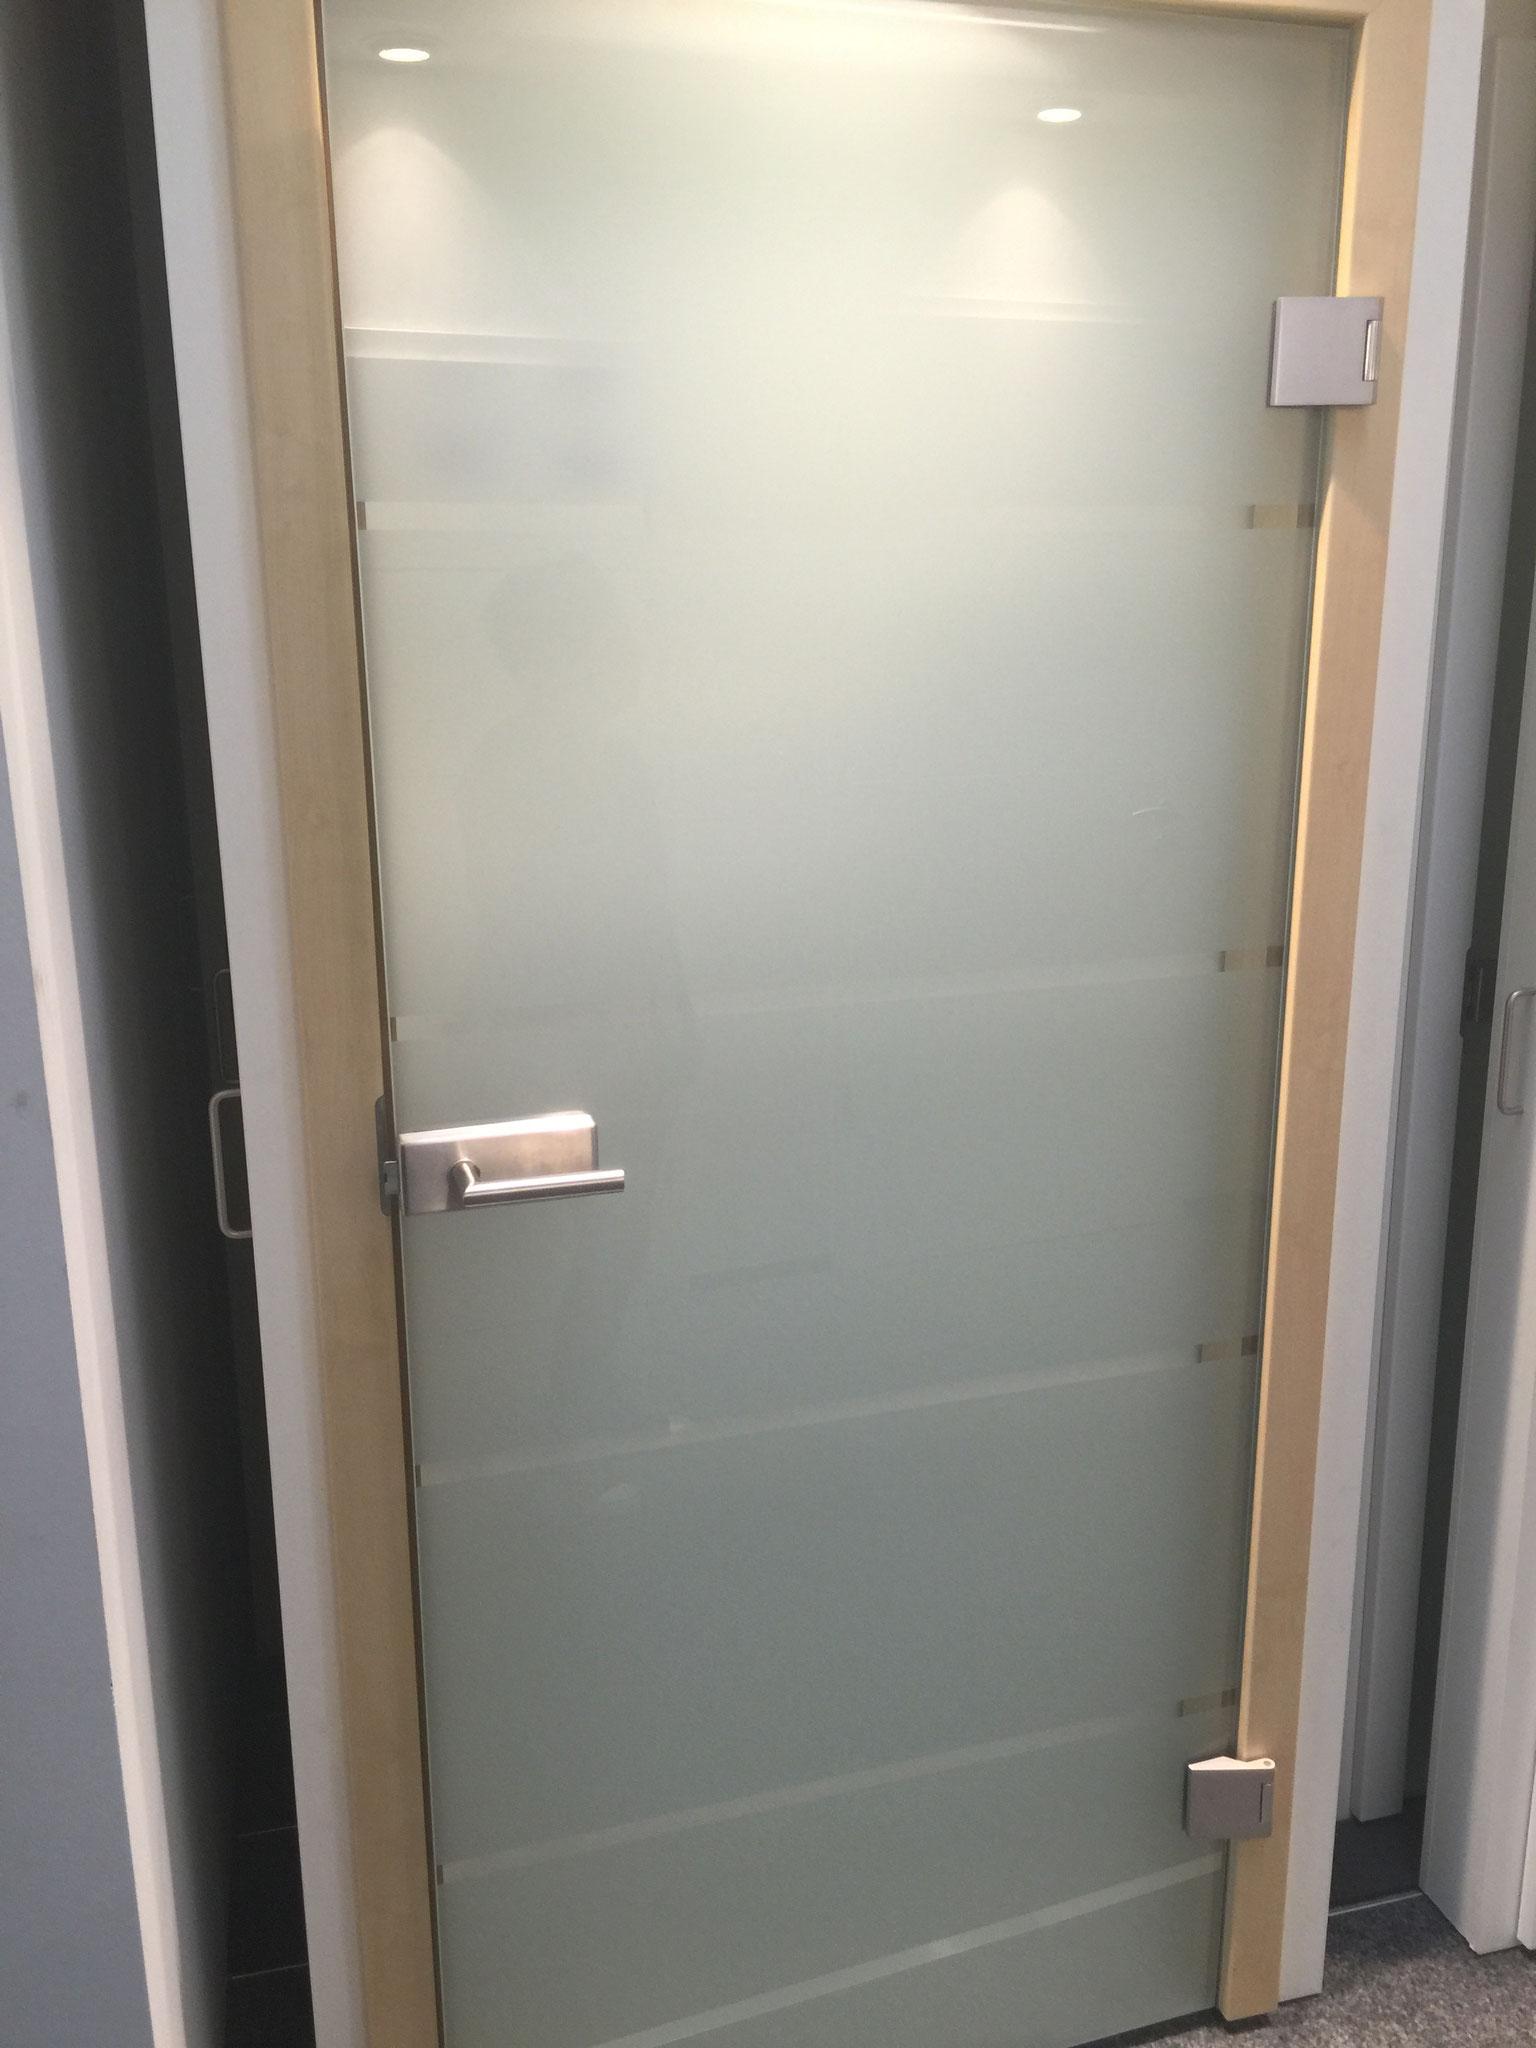 Badezimmer Türe   Gallerie Allkauf Ausbauhaus Nrw